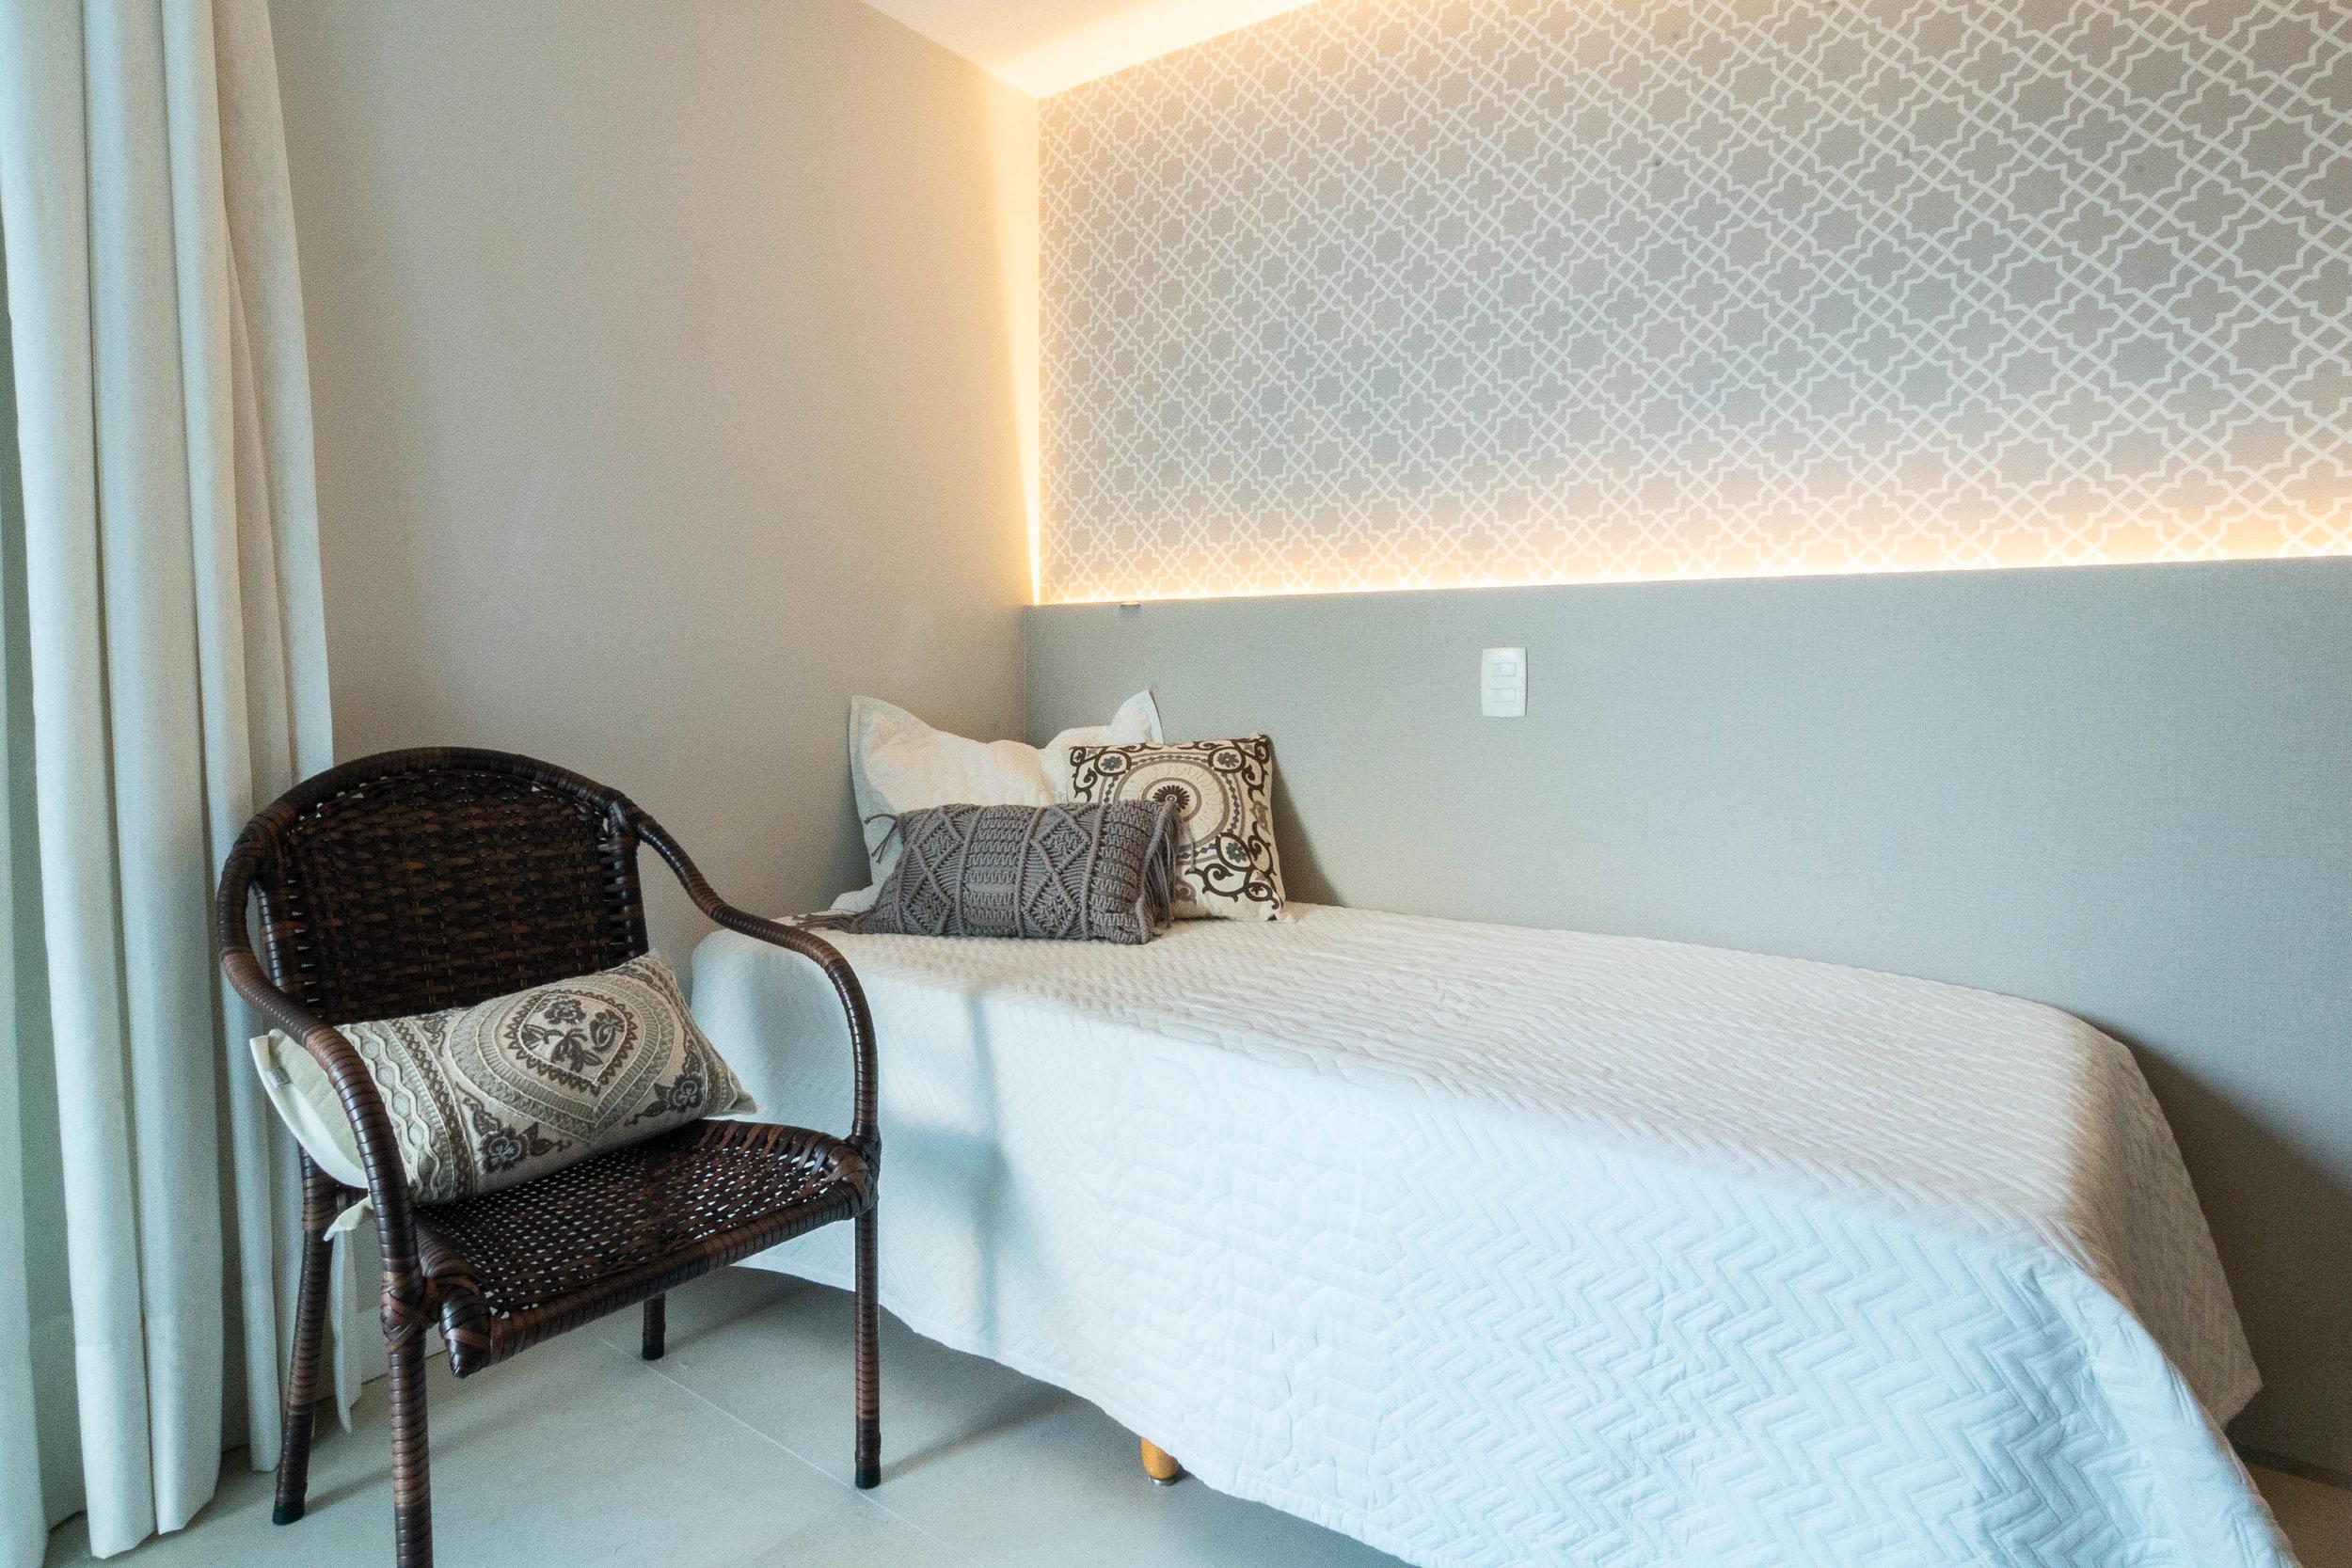 projeto-arquitetonico-luciananilton-duo-arquitetura-apartamentos-praia-018.jpg